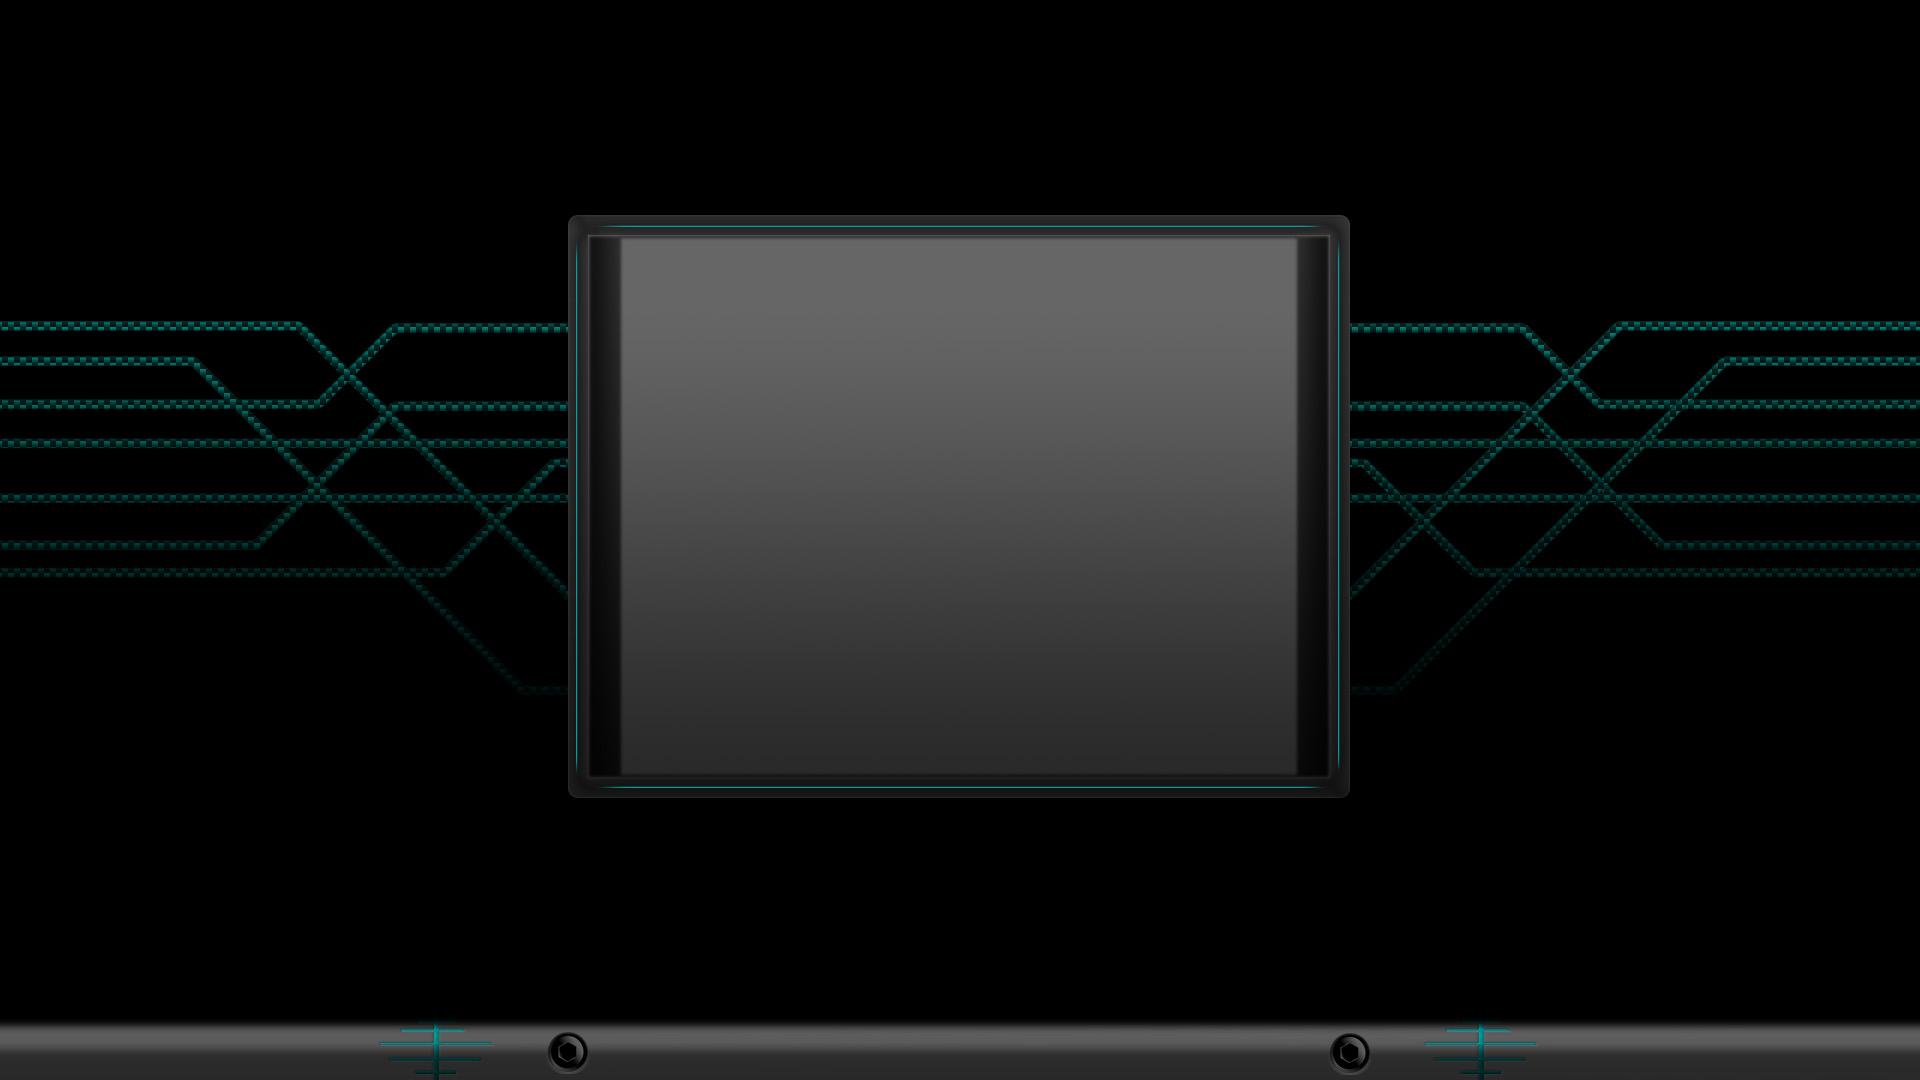 вертикальные полосы на экране элт телевизора грузовиков